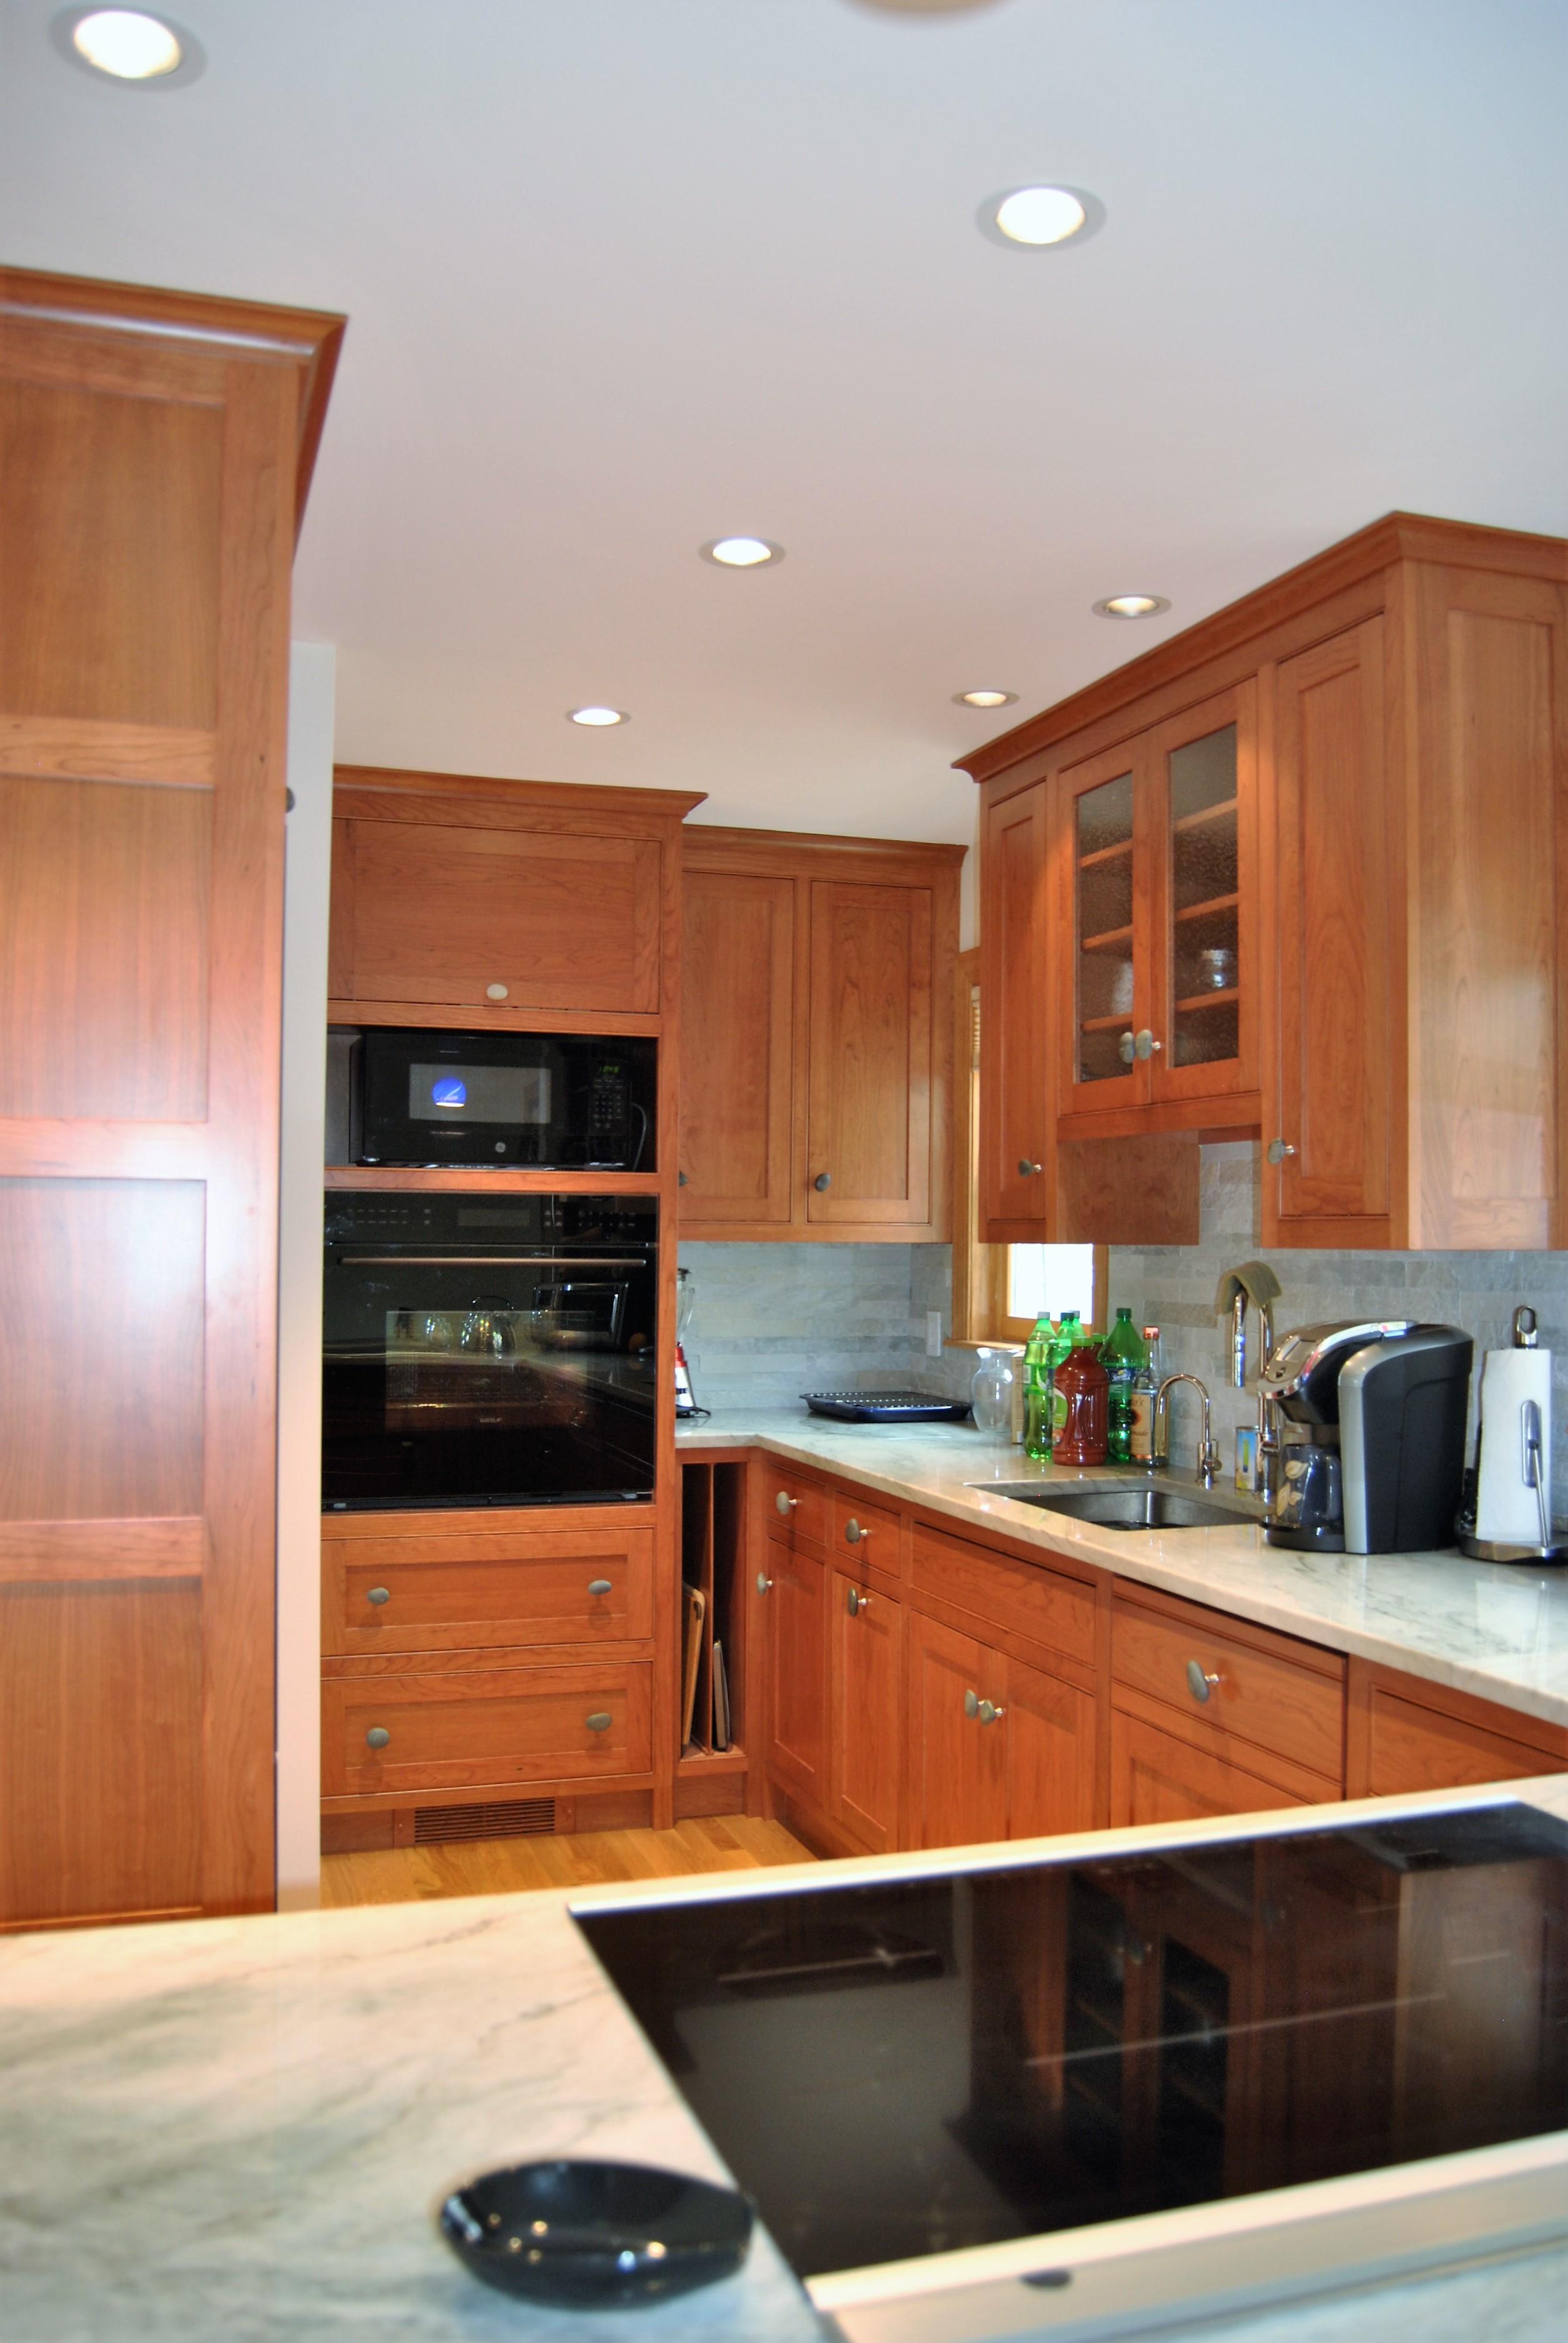 Cherry kitchen